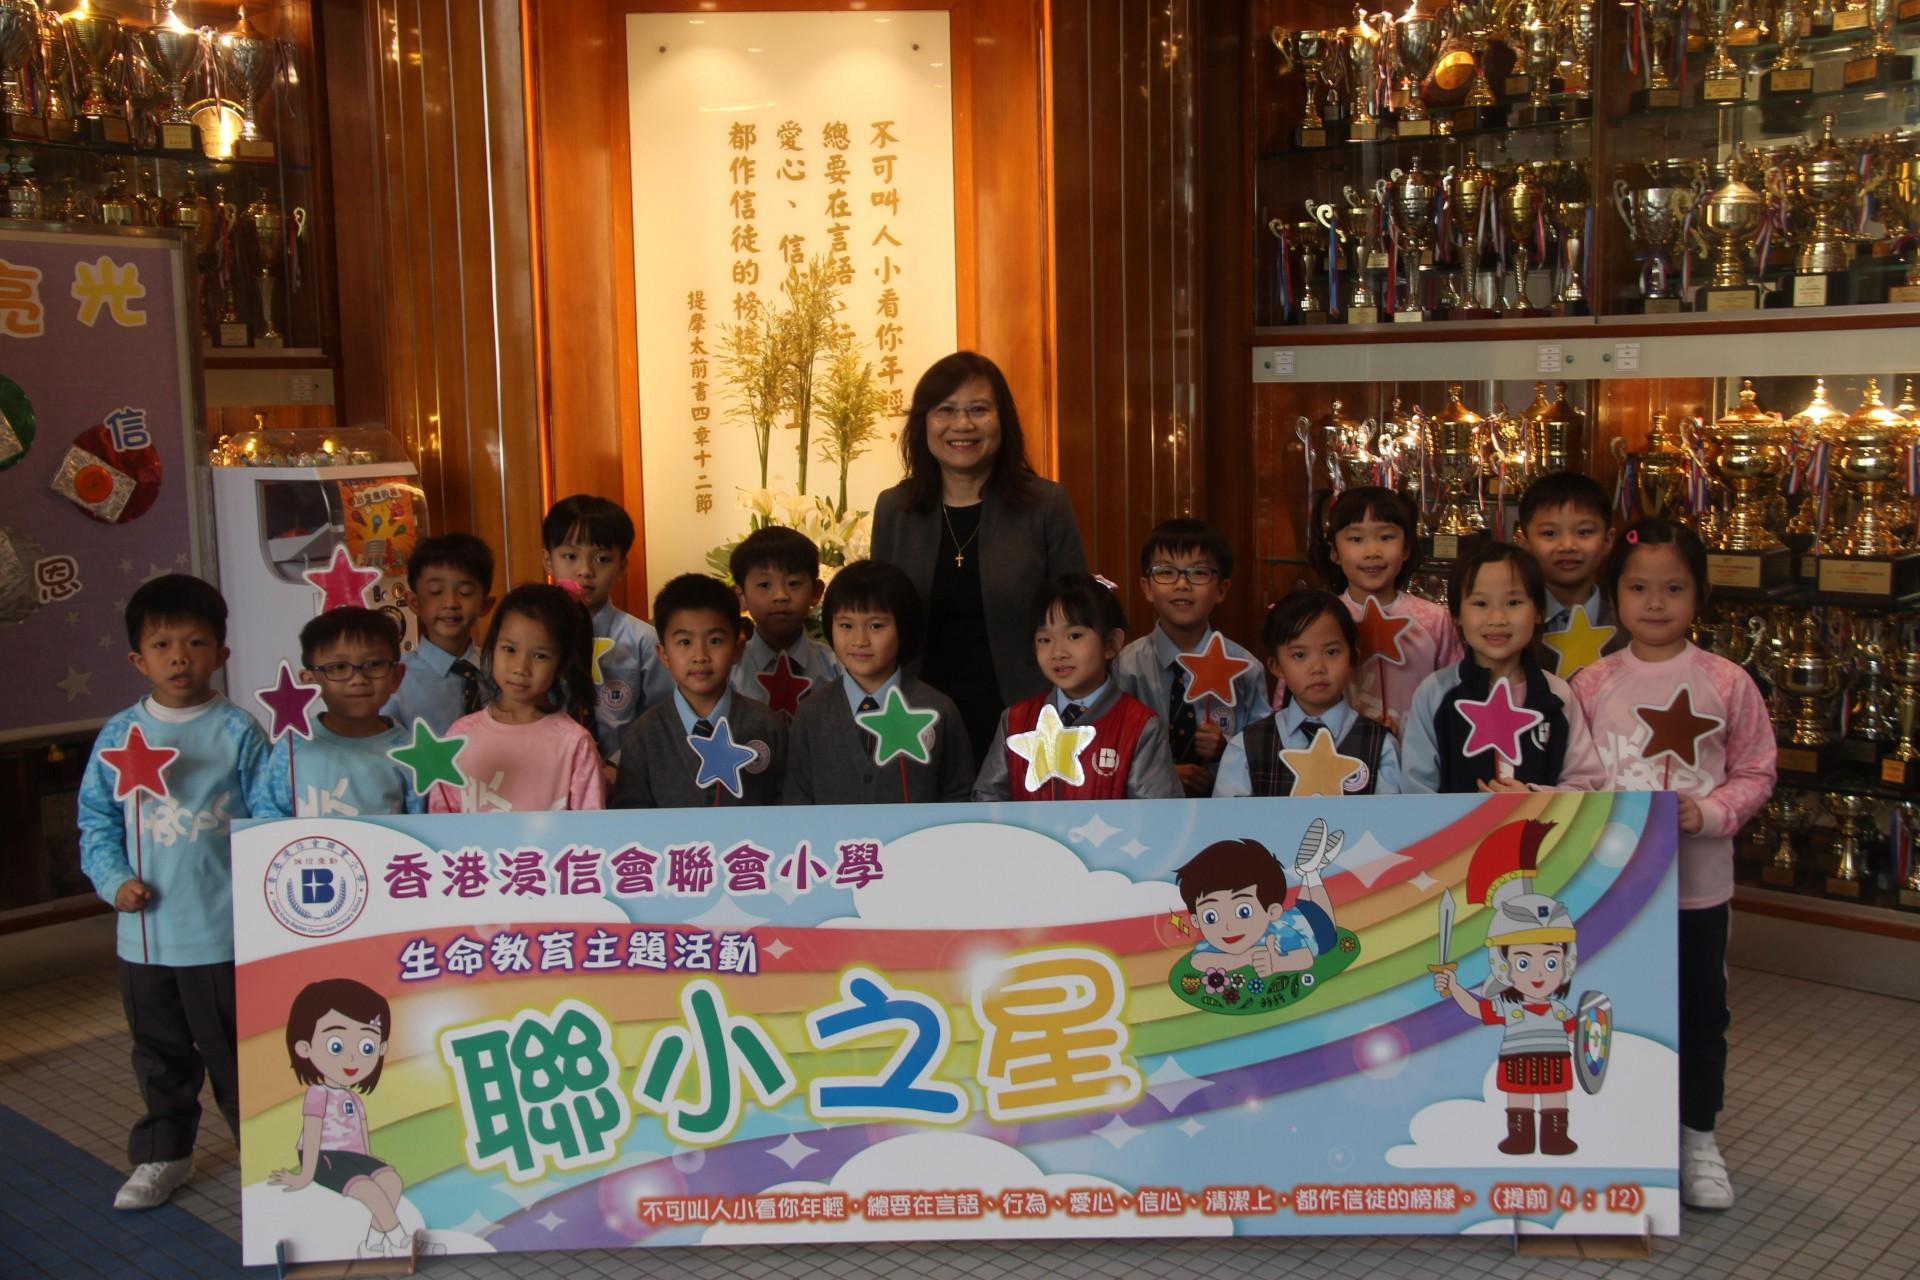 20200106 - 低年級小小頒獎禮